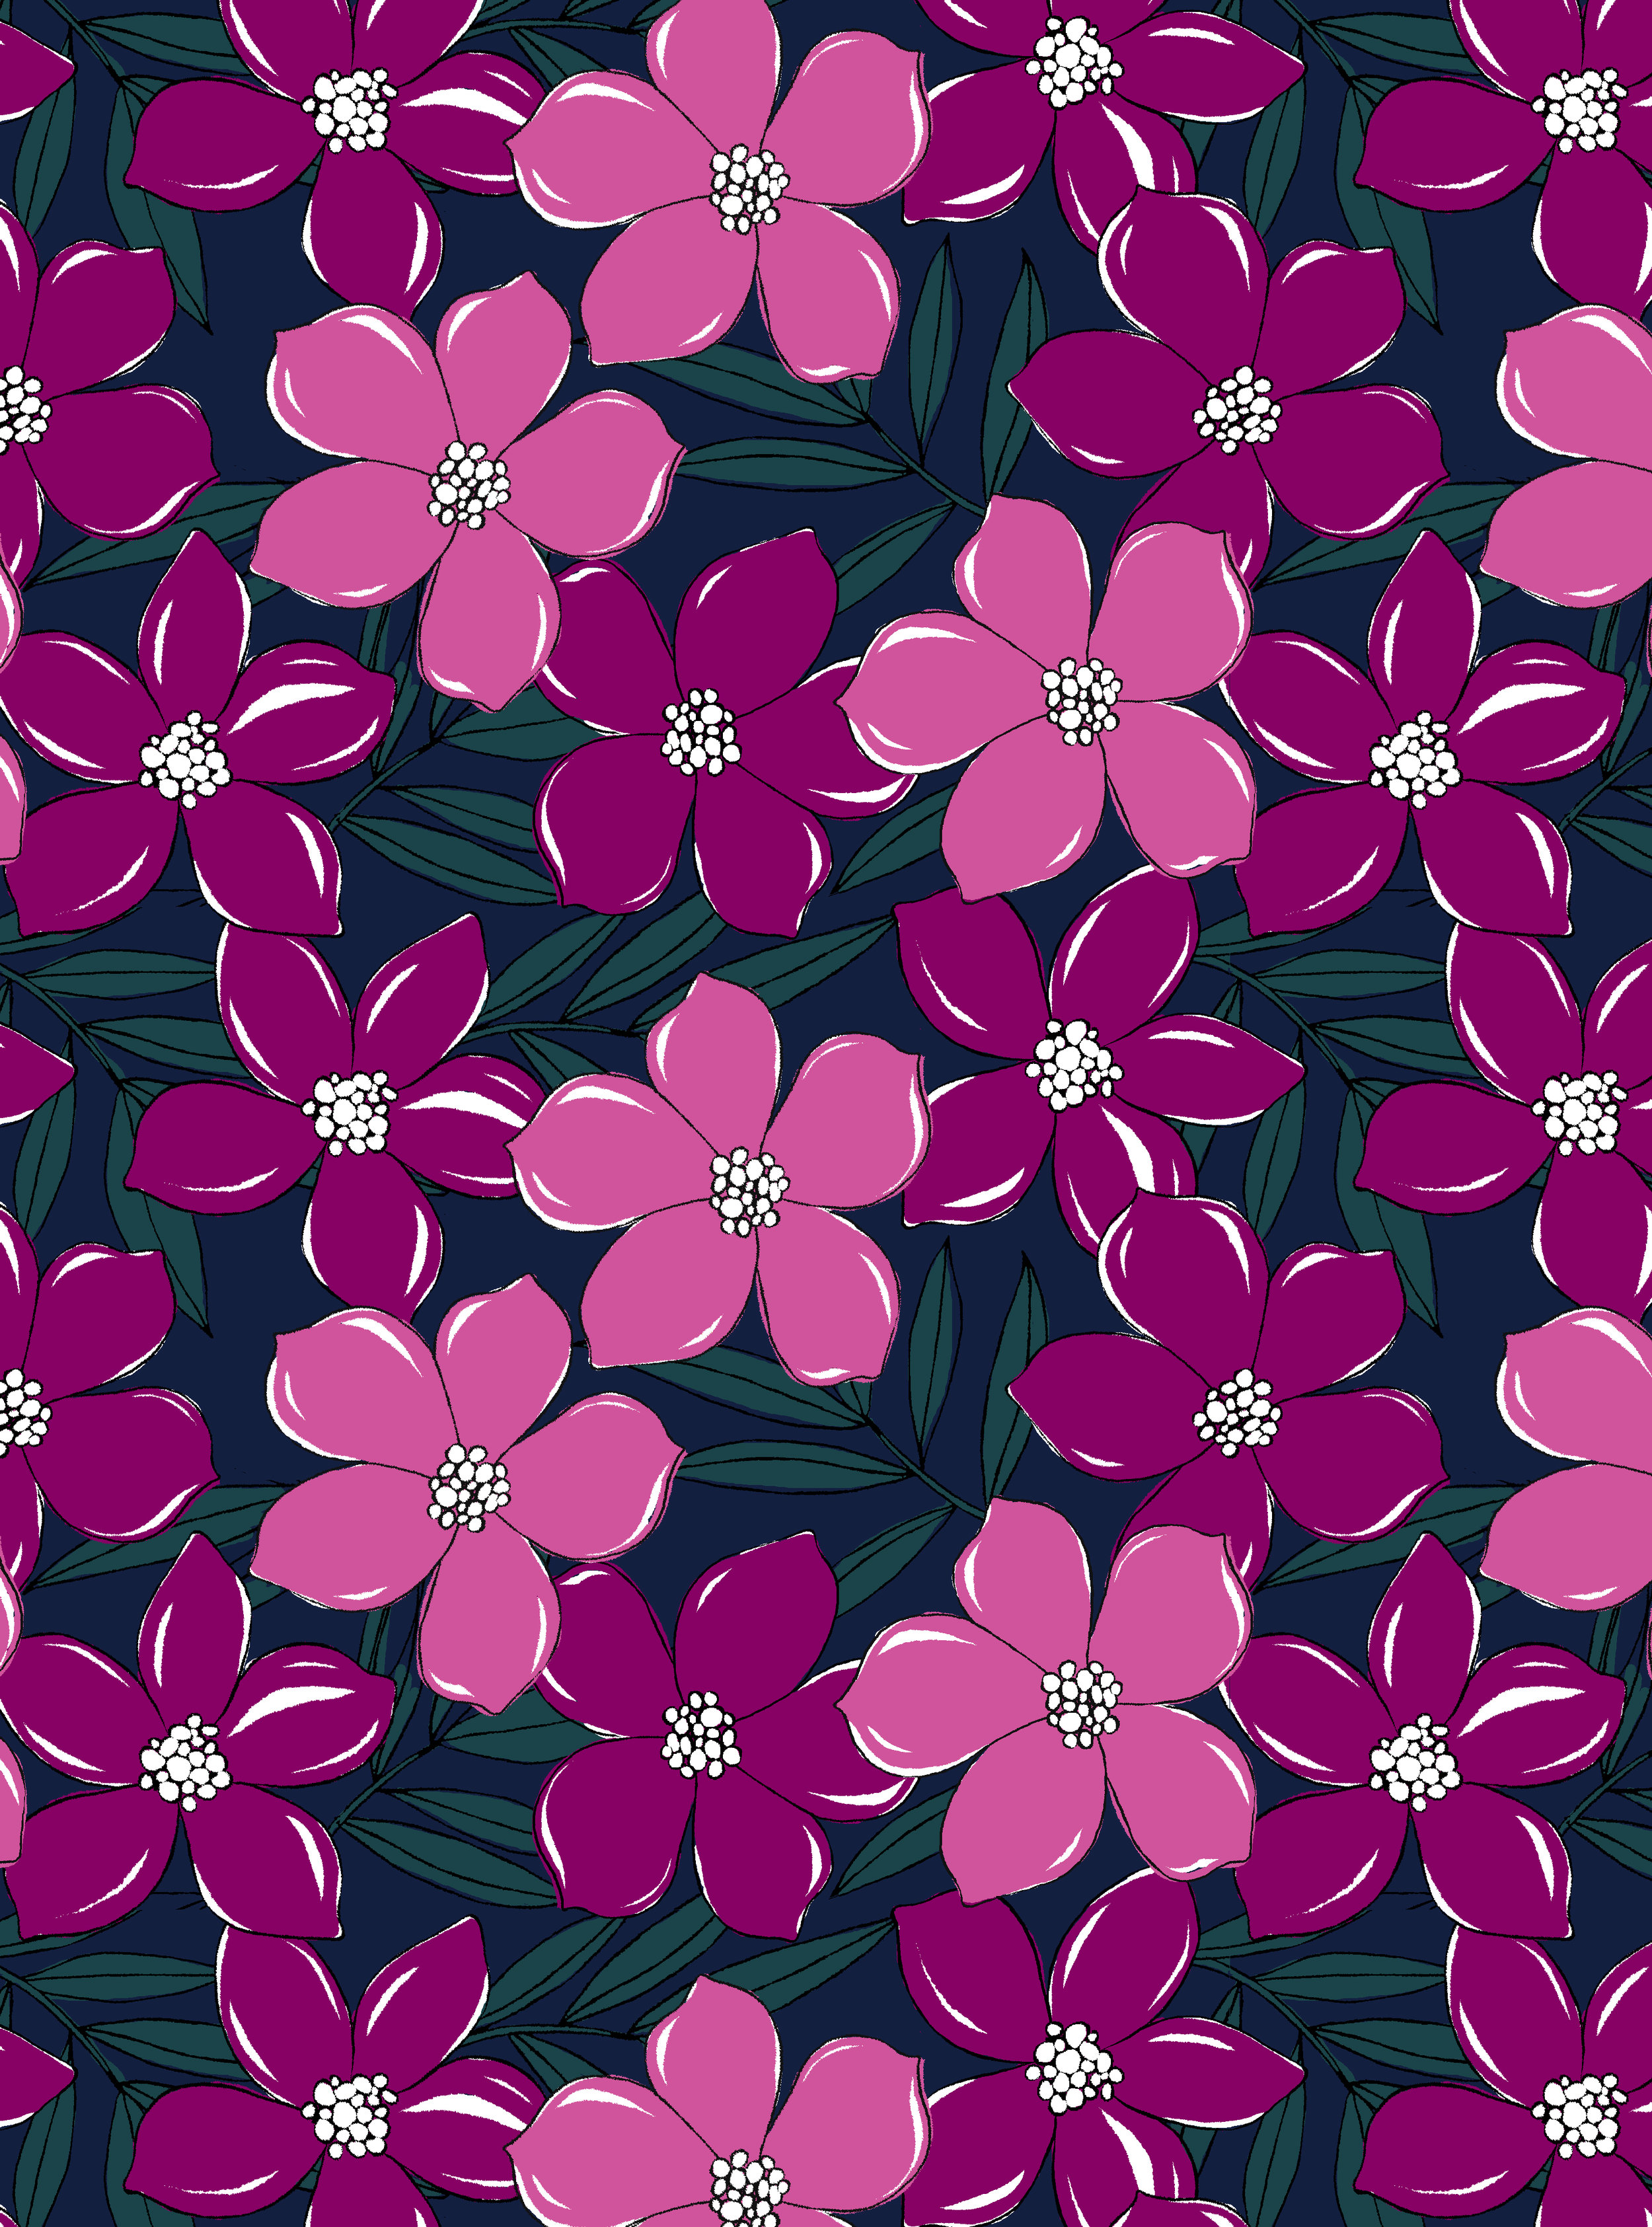 Floral - Photoshop